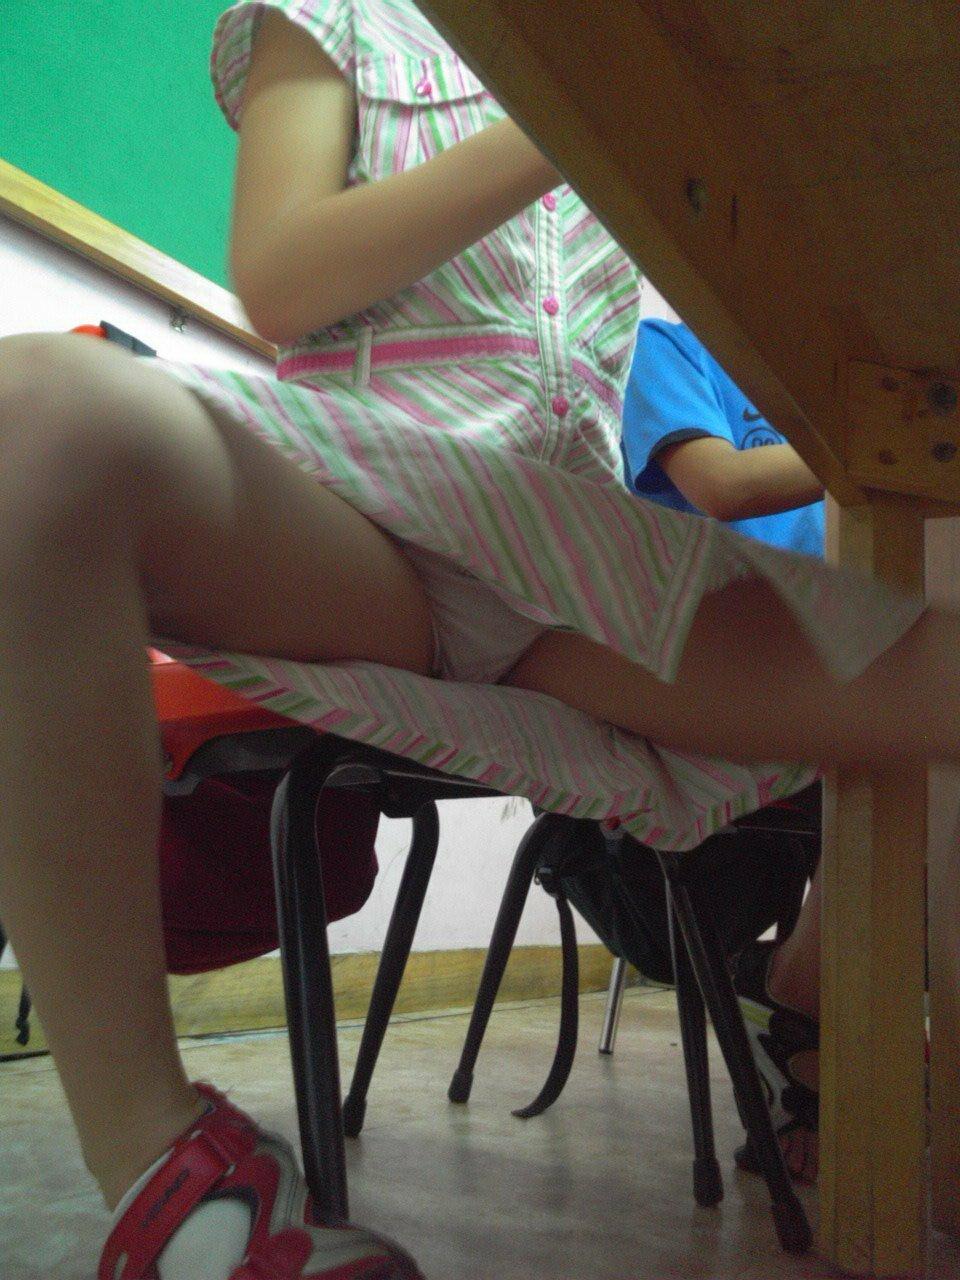 писек подсмотреть под столом под юбкой целует головку